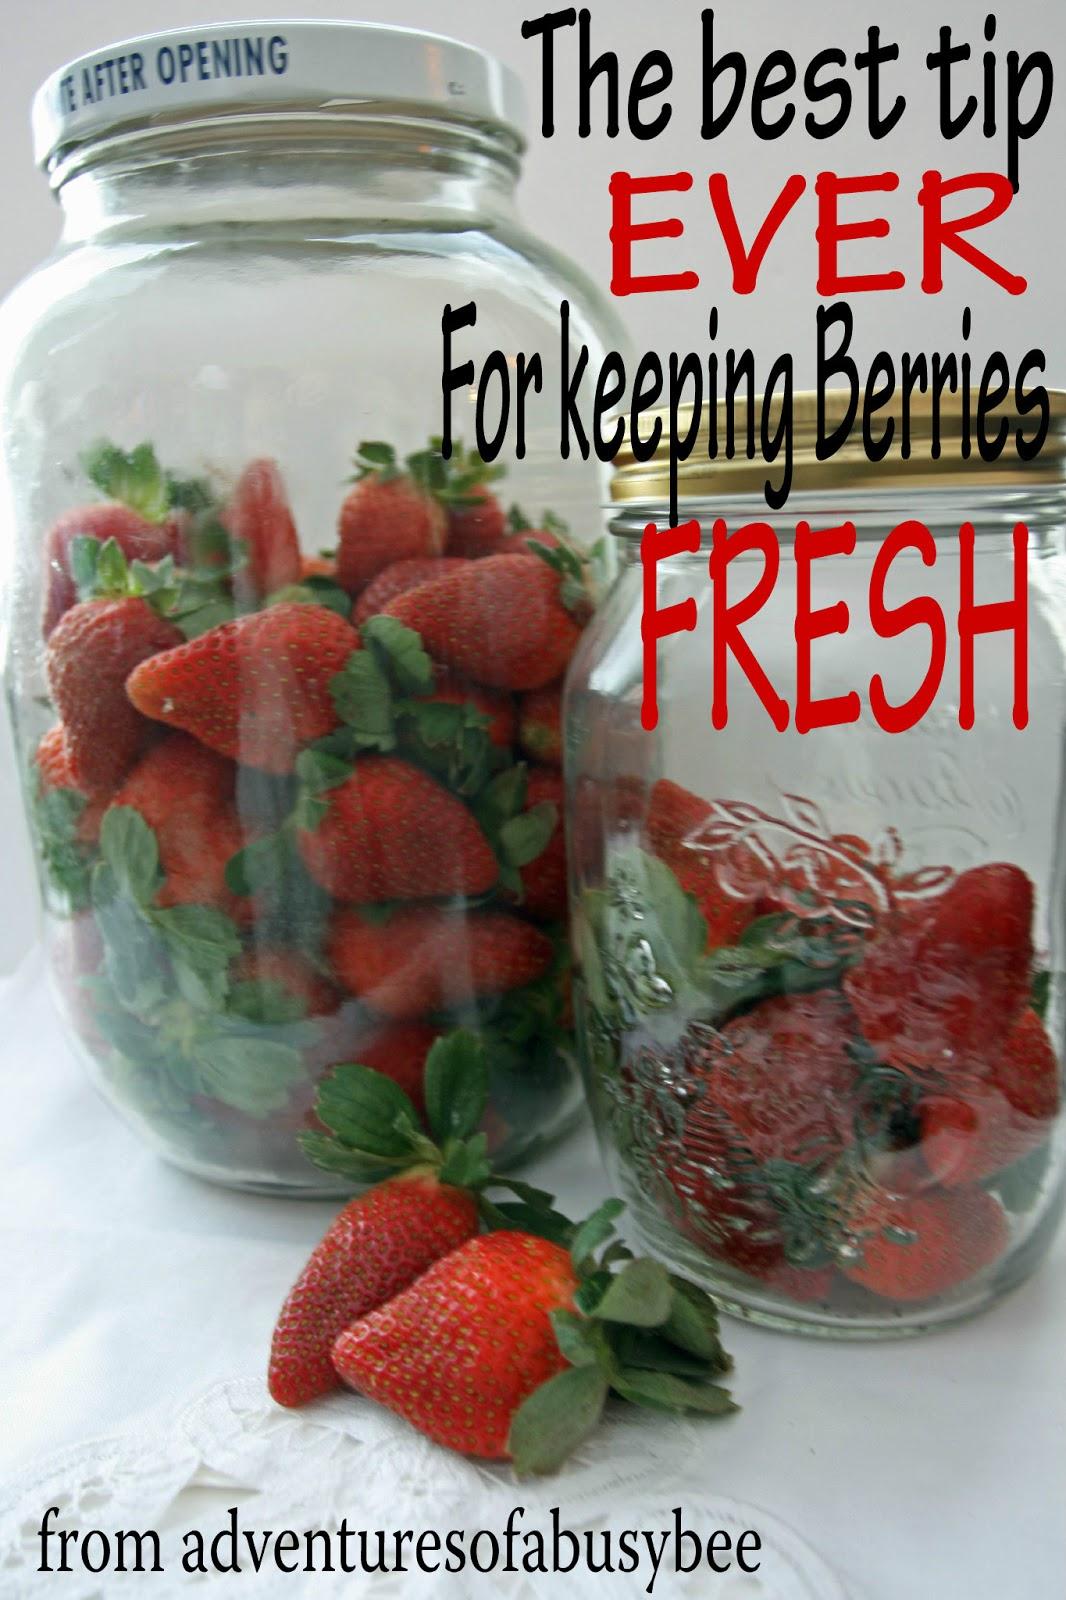 Keeping Berries Fresh!!